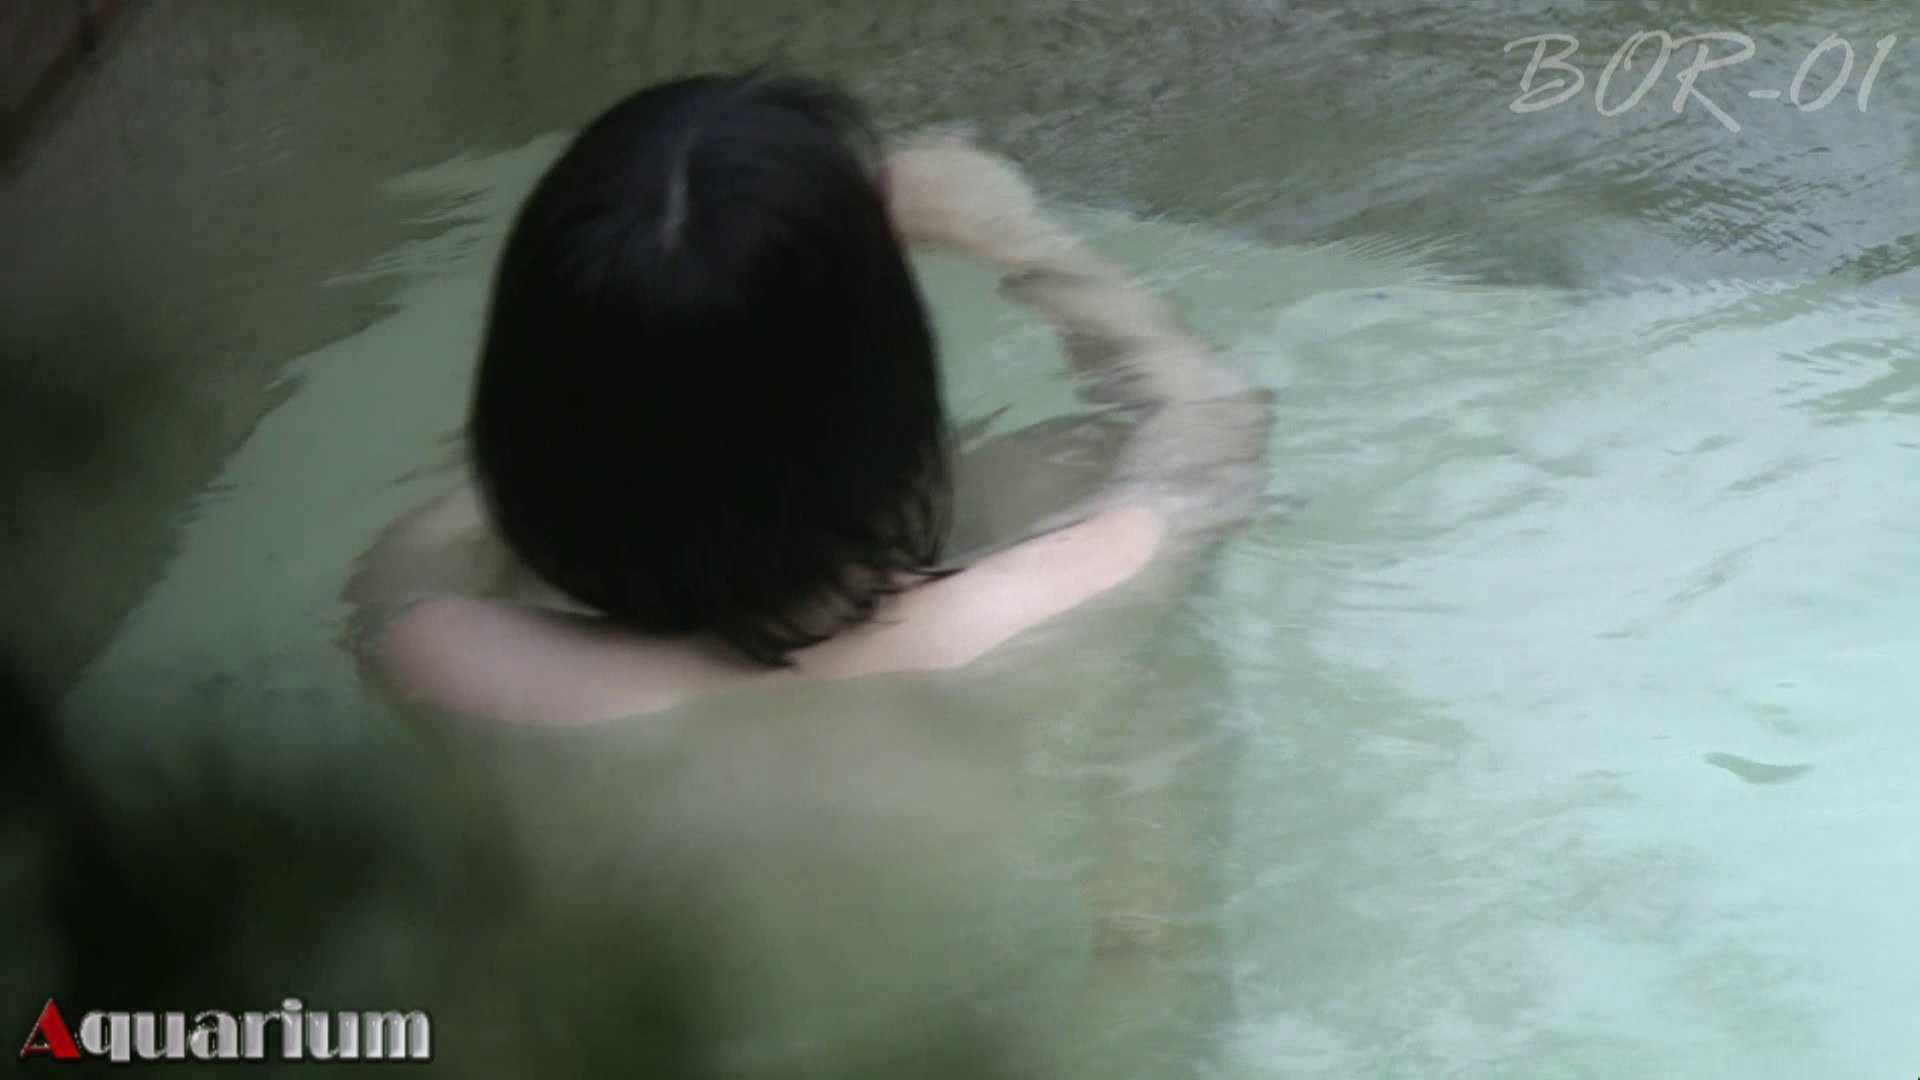 Aquaな露天風呂Vol.466 OLエロ画像  93PICs 39